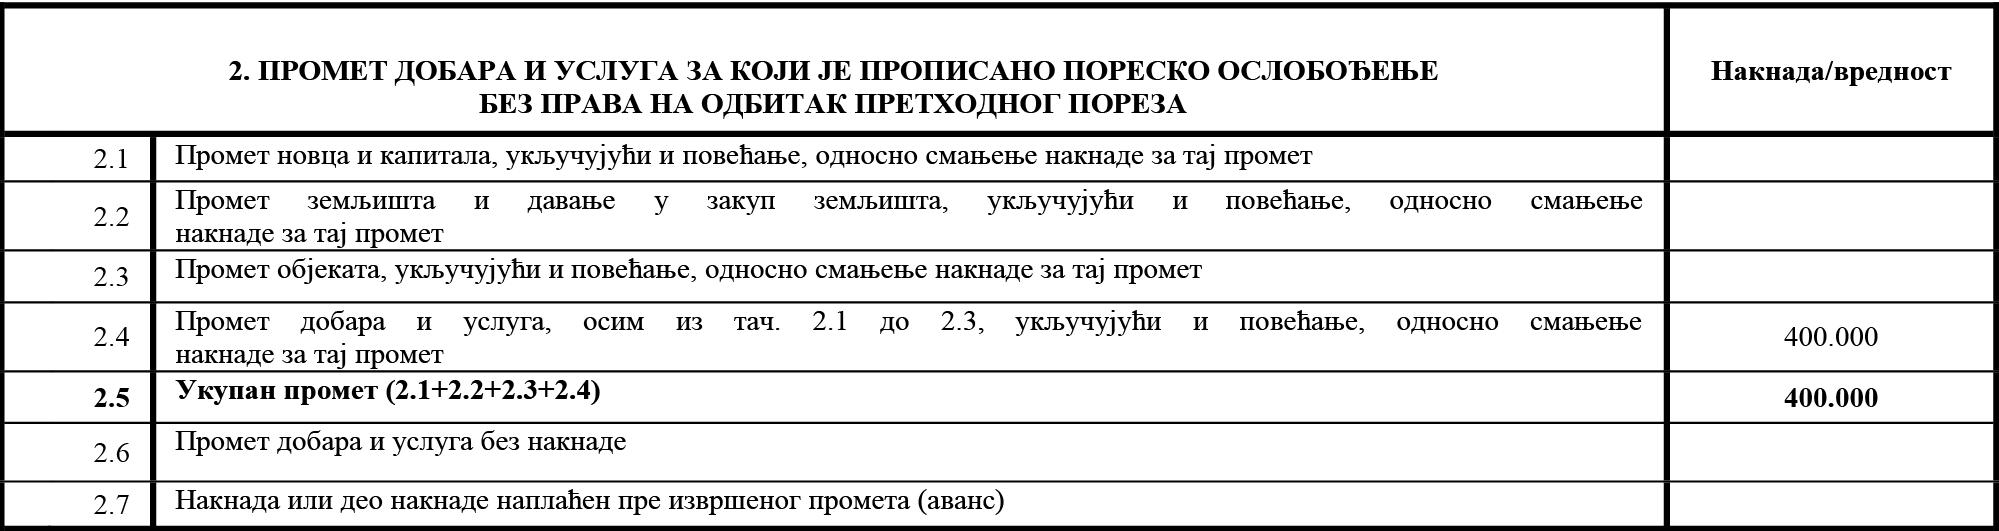 uputstvo PU obrazac POPDV primer 41